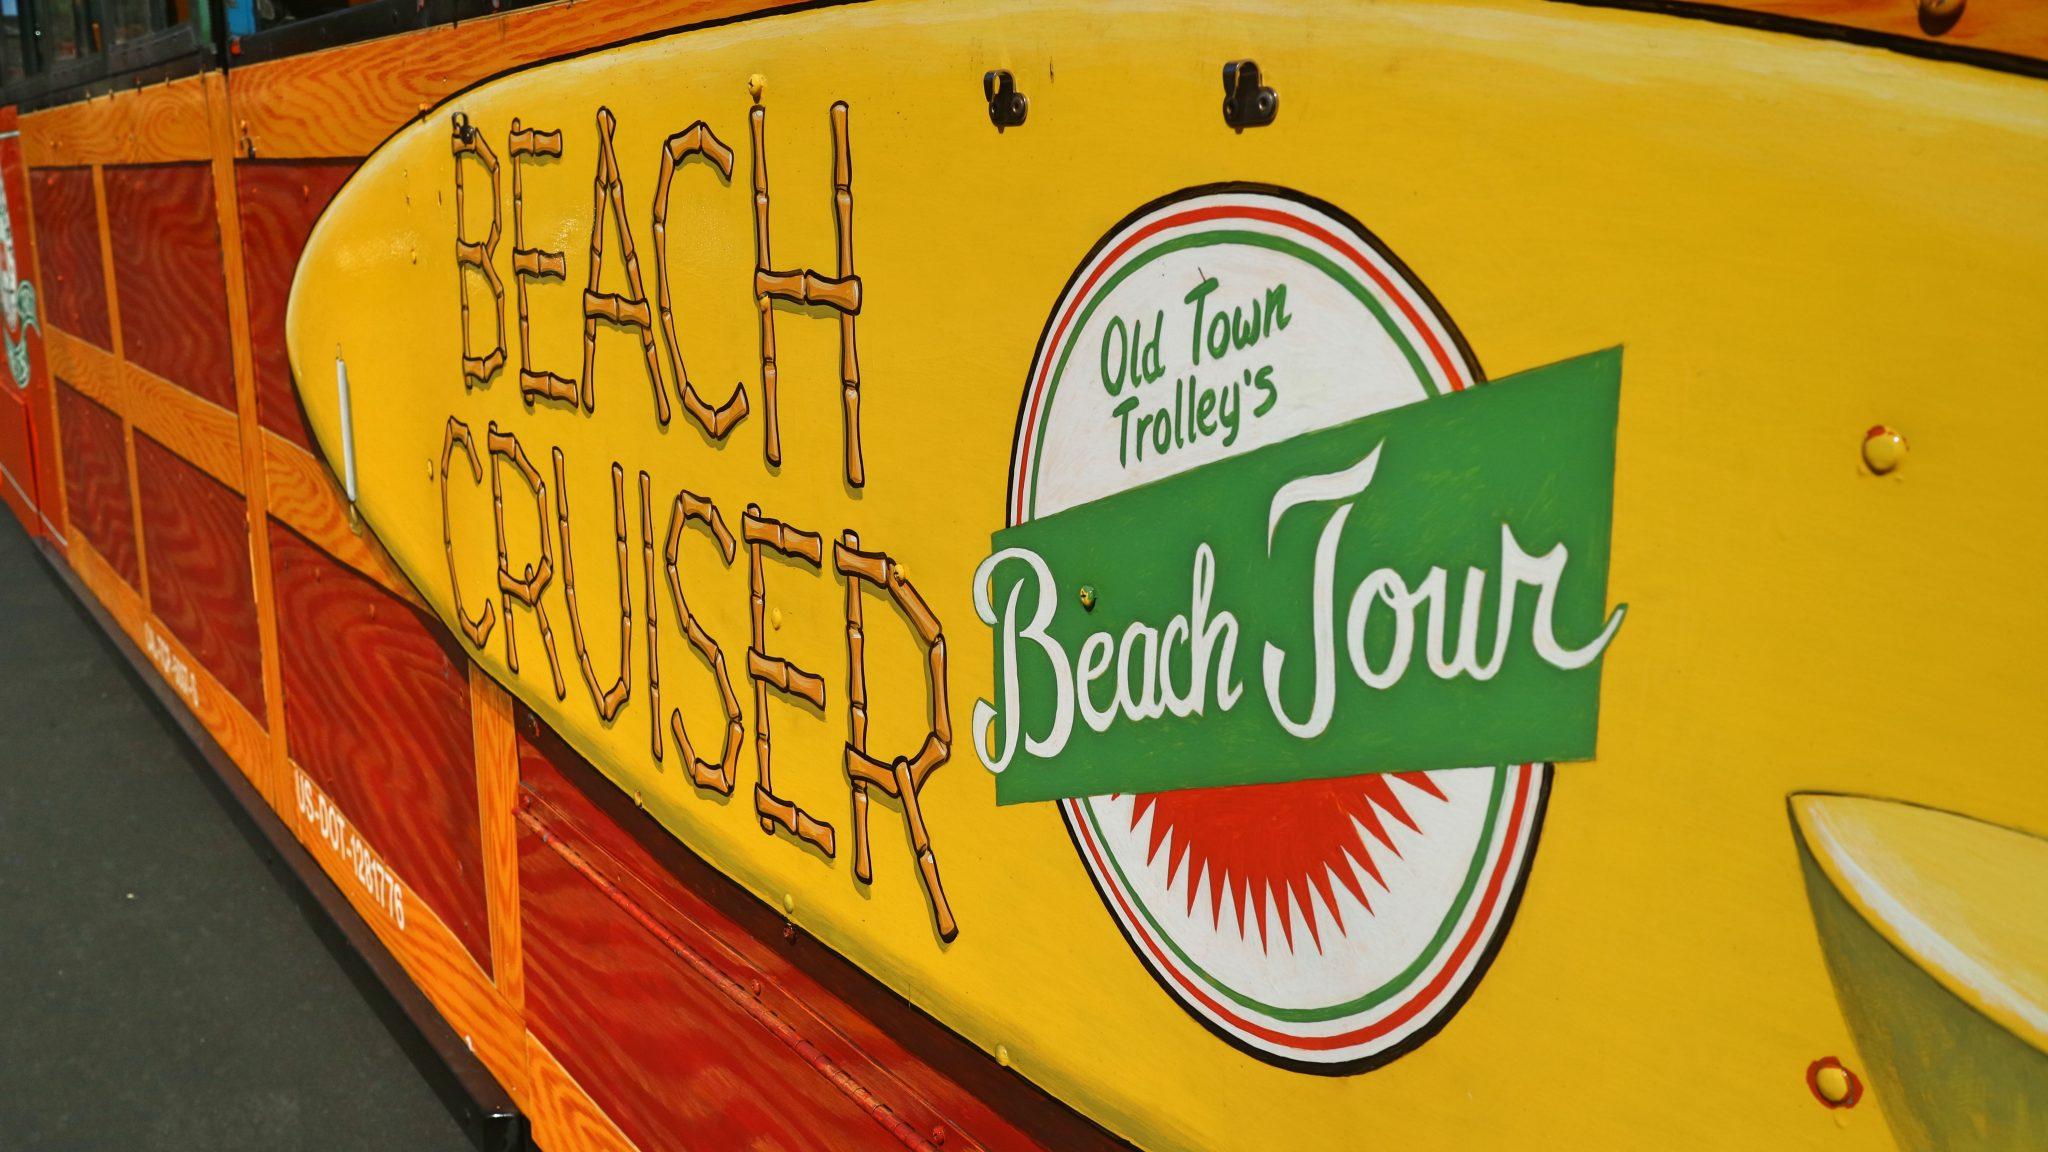 Beach Cruiser Bus to La Jolla, San Diego, California